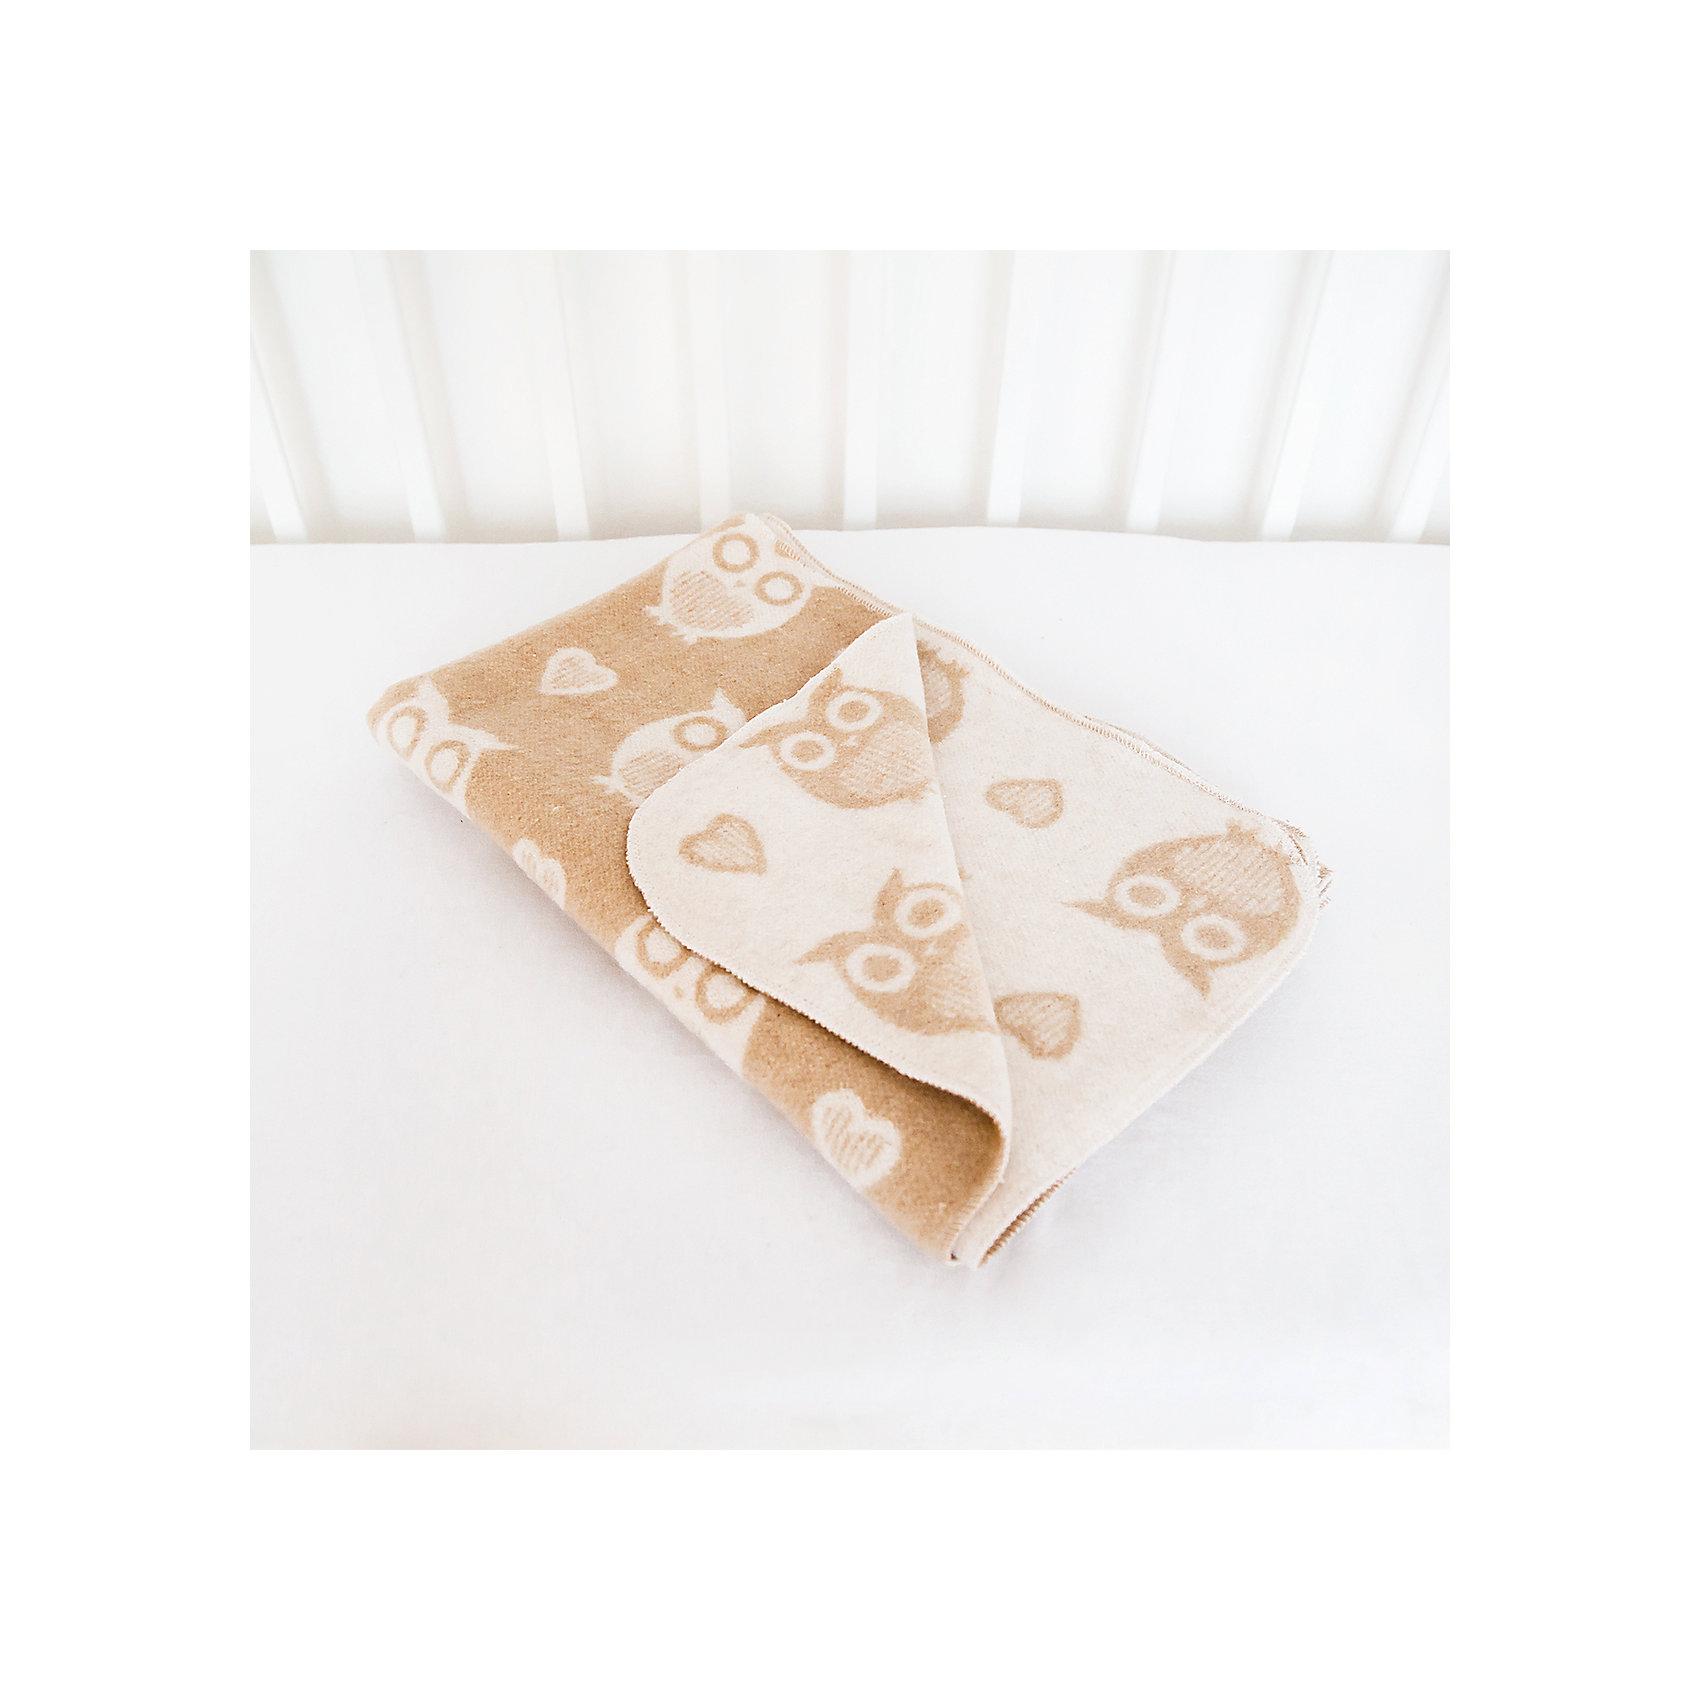 Одеяло байковое Совы 85х115, Baby Nice, бежевыйОдеяла, пледы<br>Предметы, находящиеся в детской кроватке, должны быть качественными и безопасными. Это одеяло разработано специально для малышей, оно обеспечивает комфорт на всю ночь. Одеяло украшено симпатичным принтом.<br>Одеяло сшито из натурального дышащего хлопка, приятного на ощупь. Он не вызывает аллергии, что особенно важно для малышей. Оно обеспечит хорошую терморегуляцию, а значит - крепкий сон. Одеяло сделано из высококачественных материалов, безопасных для ребенка.<br><br>Дополнительная информация:<br><br>цвет: бежевый;<br>материал: хлопок, жаккард;<br>принт;<br>размер: 85 х 115 см.<br><br>Одеяло байковое Совы 85х115 от компании Baby Nice можно купить в нашем магазине.<br><br>Ширина мм: 230<br>Глубина мм: 250<br>Высота мм: 40<br>Вес г: 500<br>Возраст от месяцев: 0<br>Возраст до месяцев: 36<br>Пол: Унисекс<br>Возраст: Детский<br>SKU: 4948428